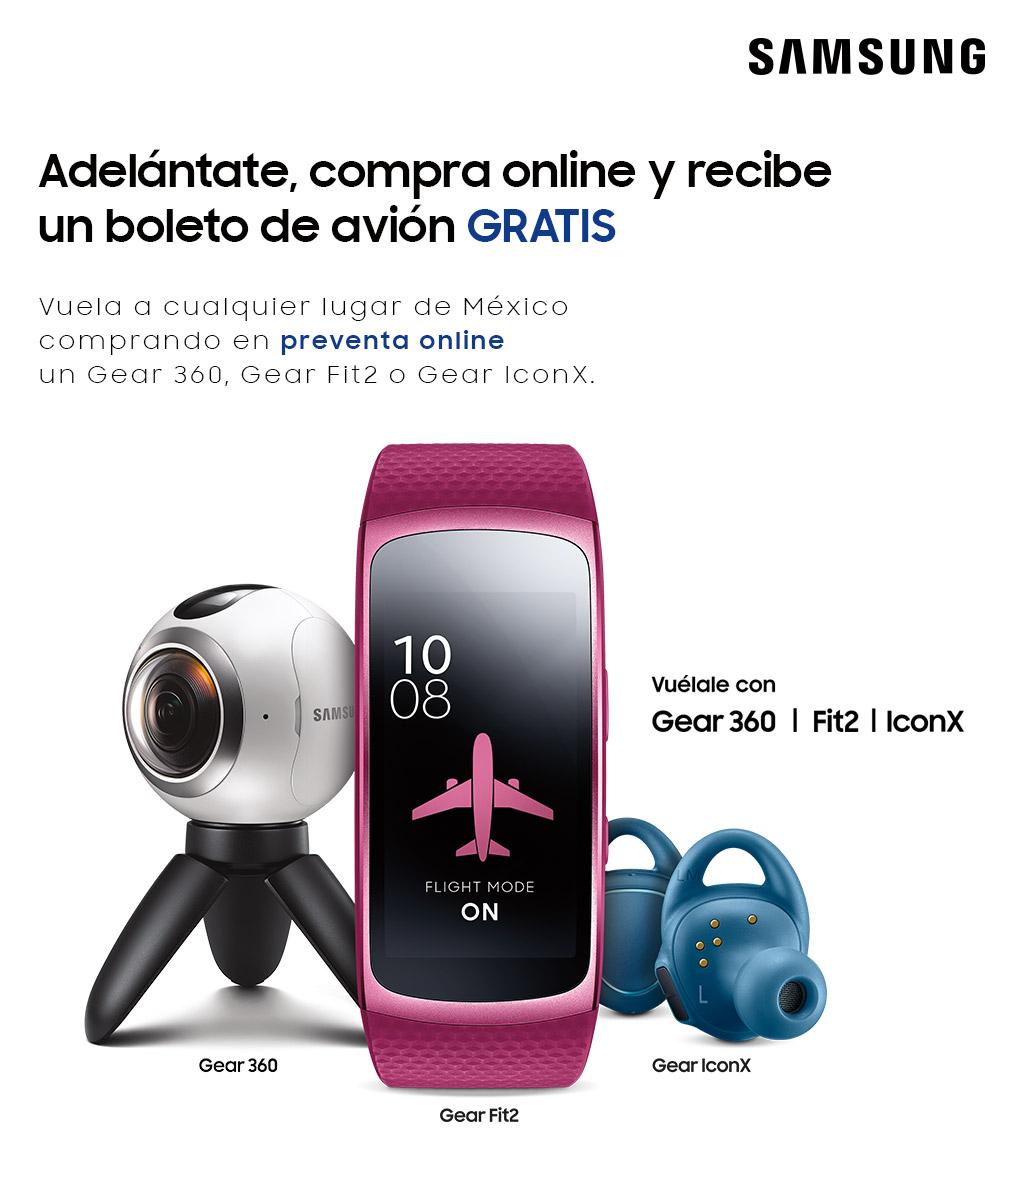 Samsung: GRATIS un boleto de avión a cualquier destino de México en la compra un Gear 360, Gear Fit2 o Gear IconX